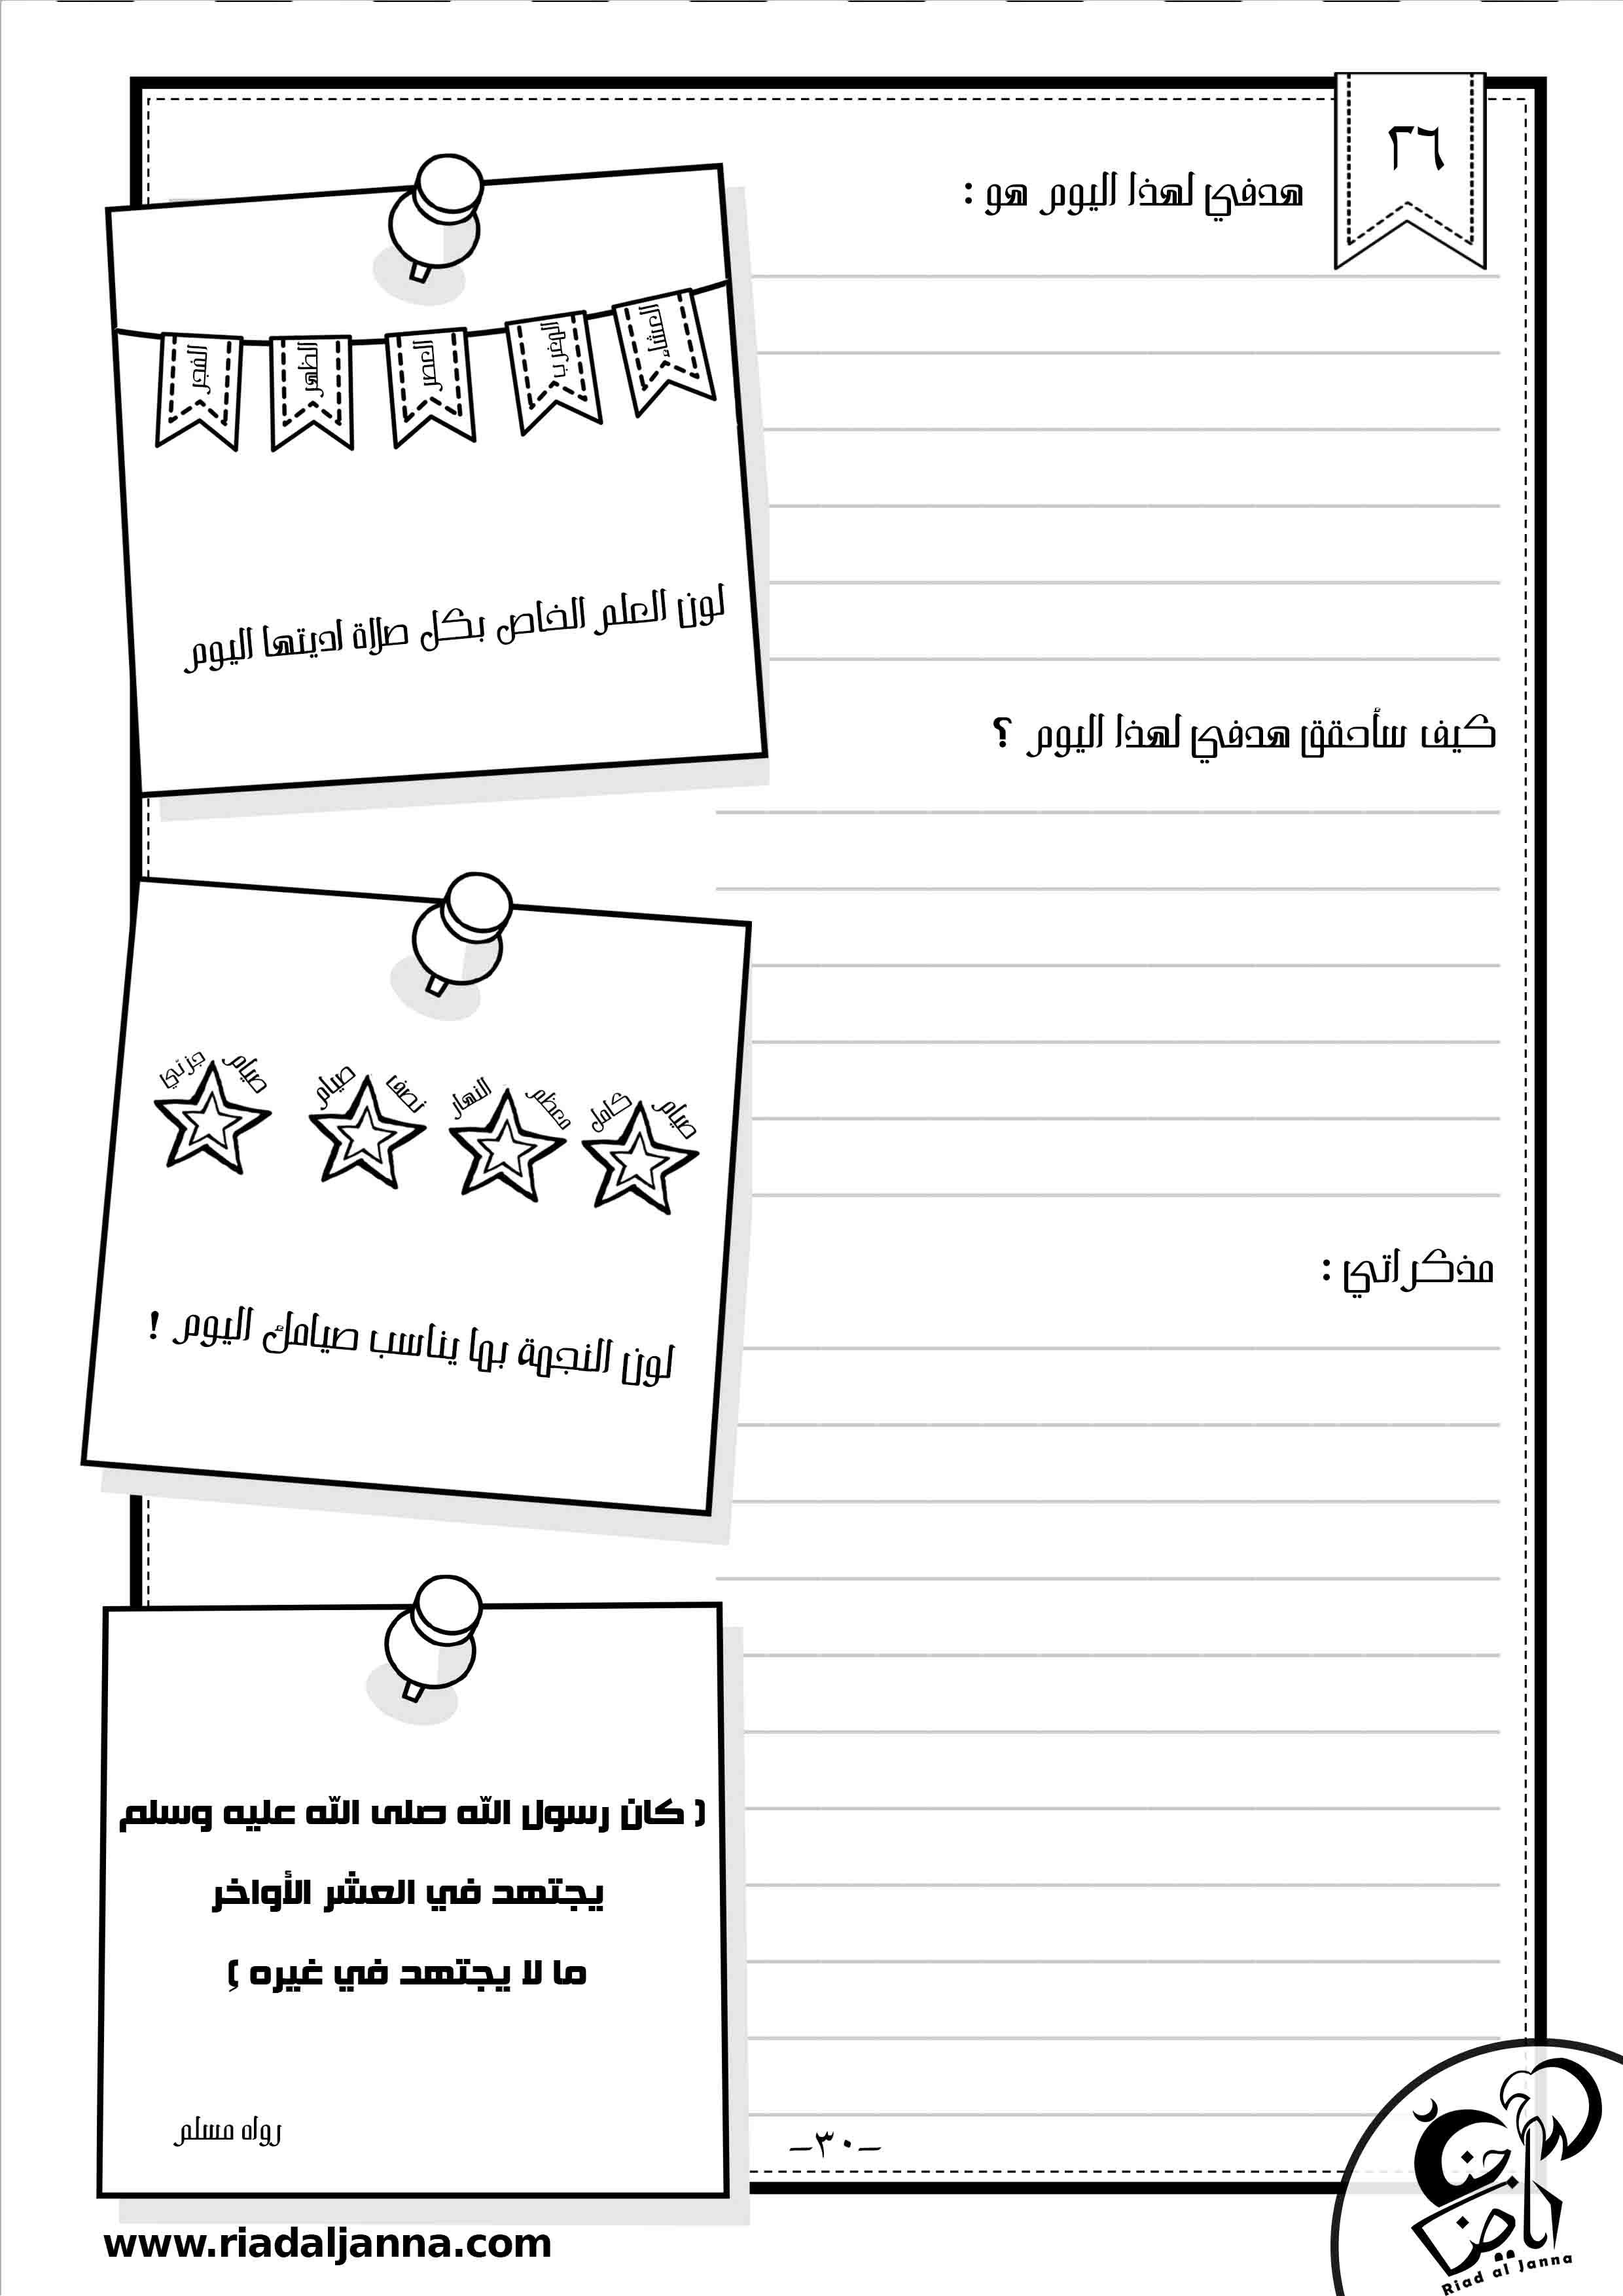 مذكراتي الرمضانية دفتر شهر رمضان لليافعين رياض الجنة Ramadan Activities Print Planner Life Planner Organization